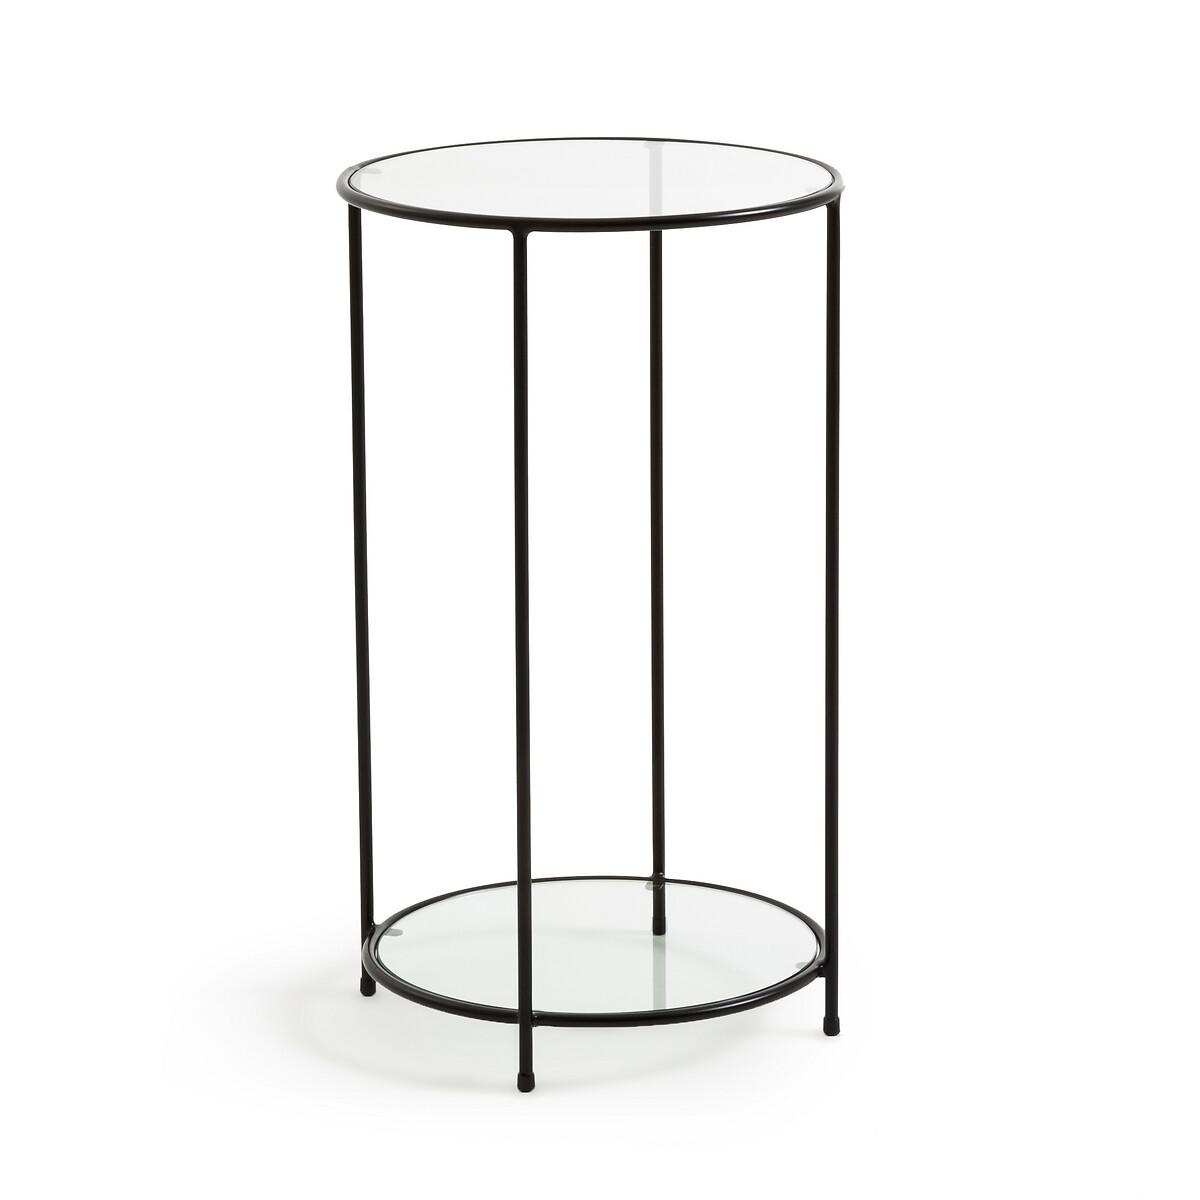 Столик LaRedoute Из закаленного стекла Sybil единый размер черный